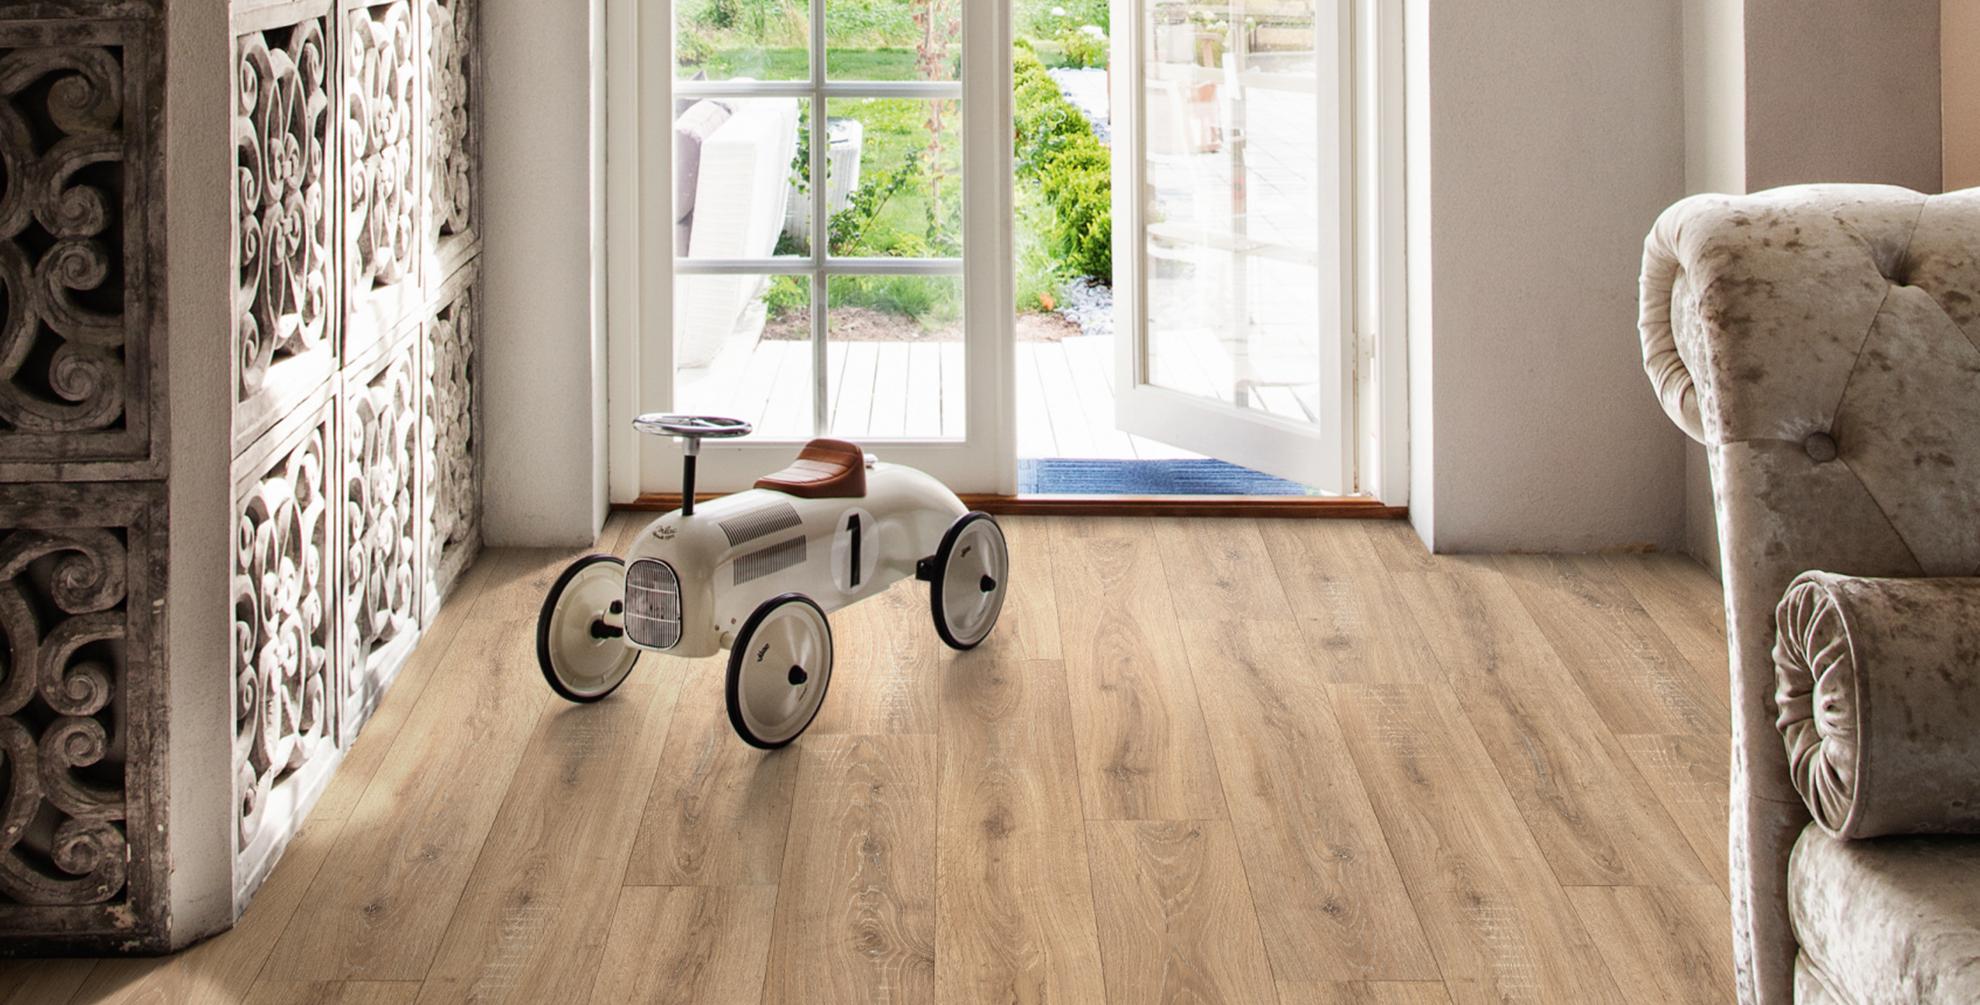 De perfecte vloer bij een romantische woonstijl